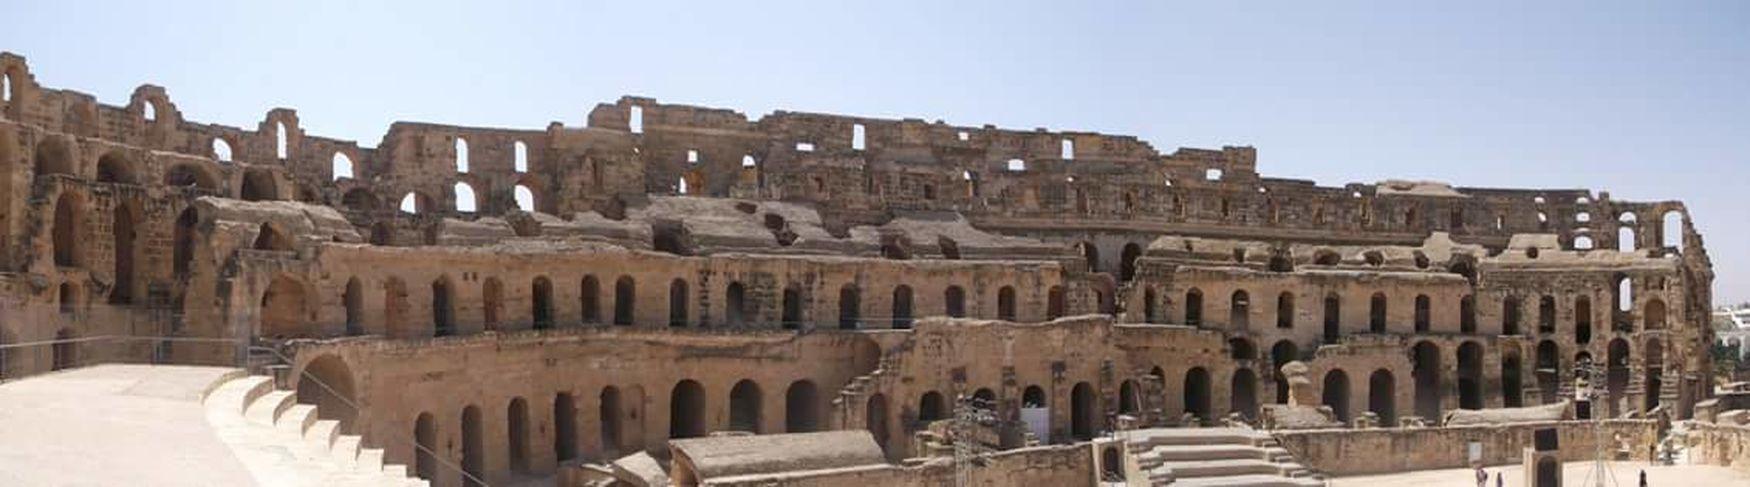 Coliseum El Jem Tunisia